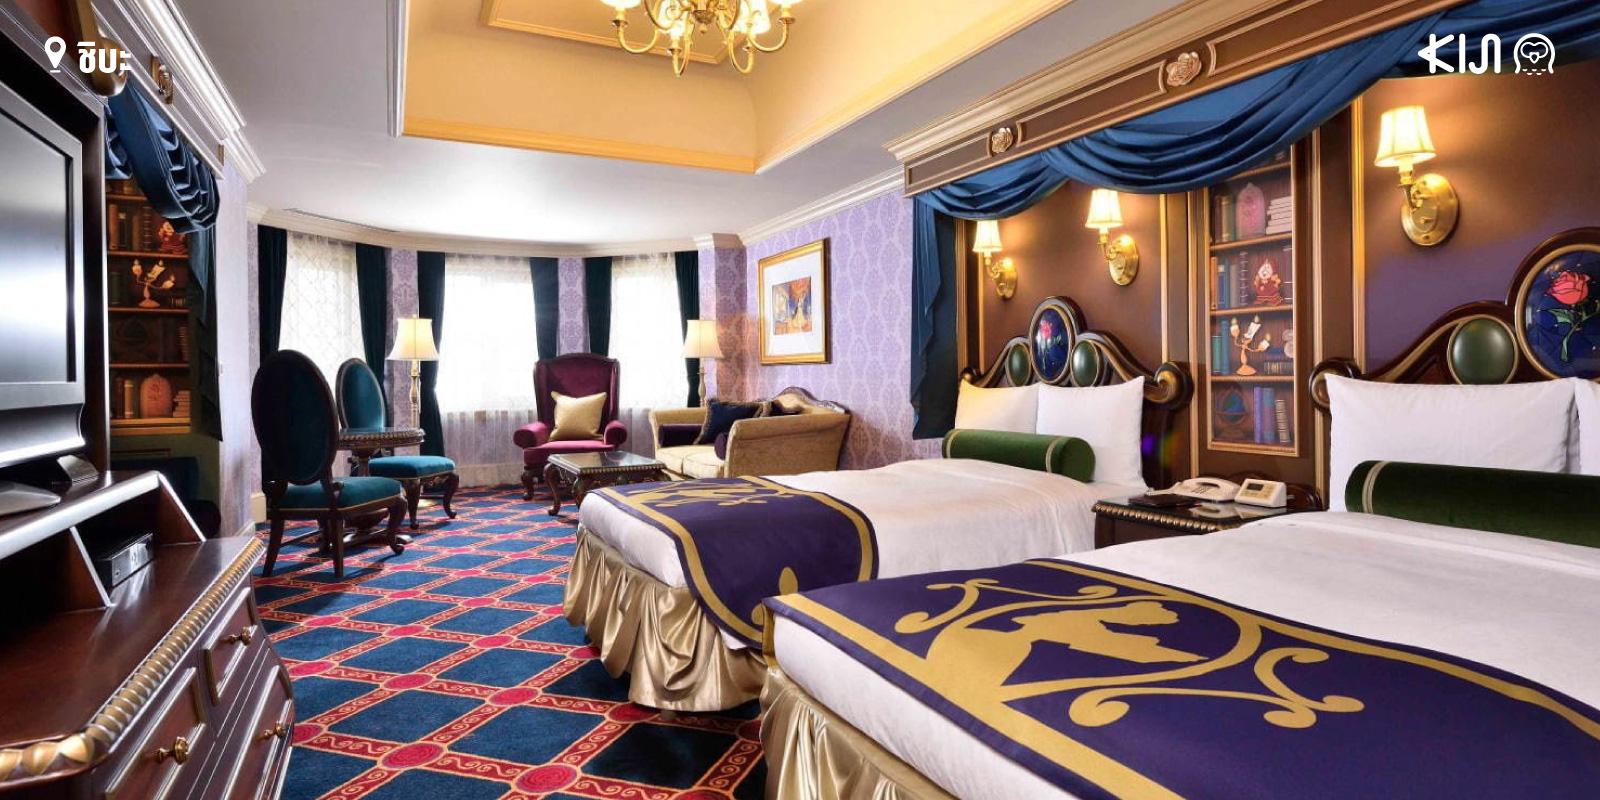 ห้องพักสุดหรูจาก Tokyo Disneyland Hotel ที่มาในธีม Beauty and the beast